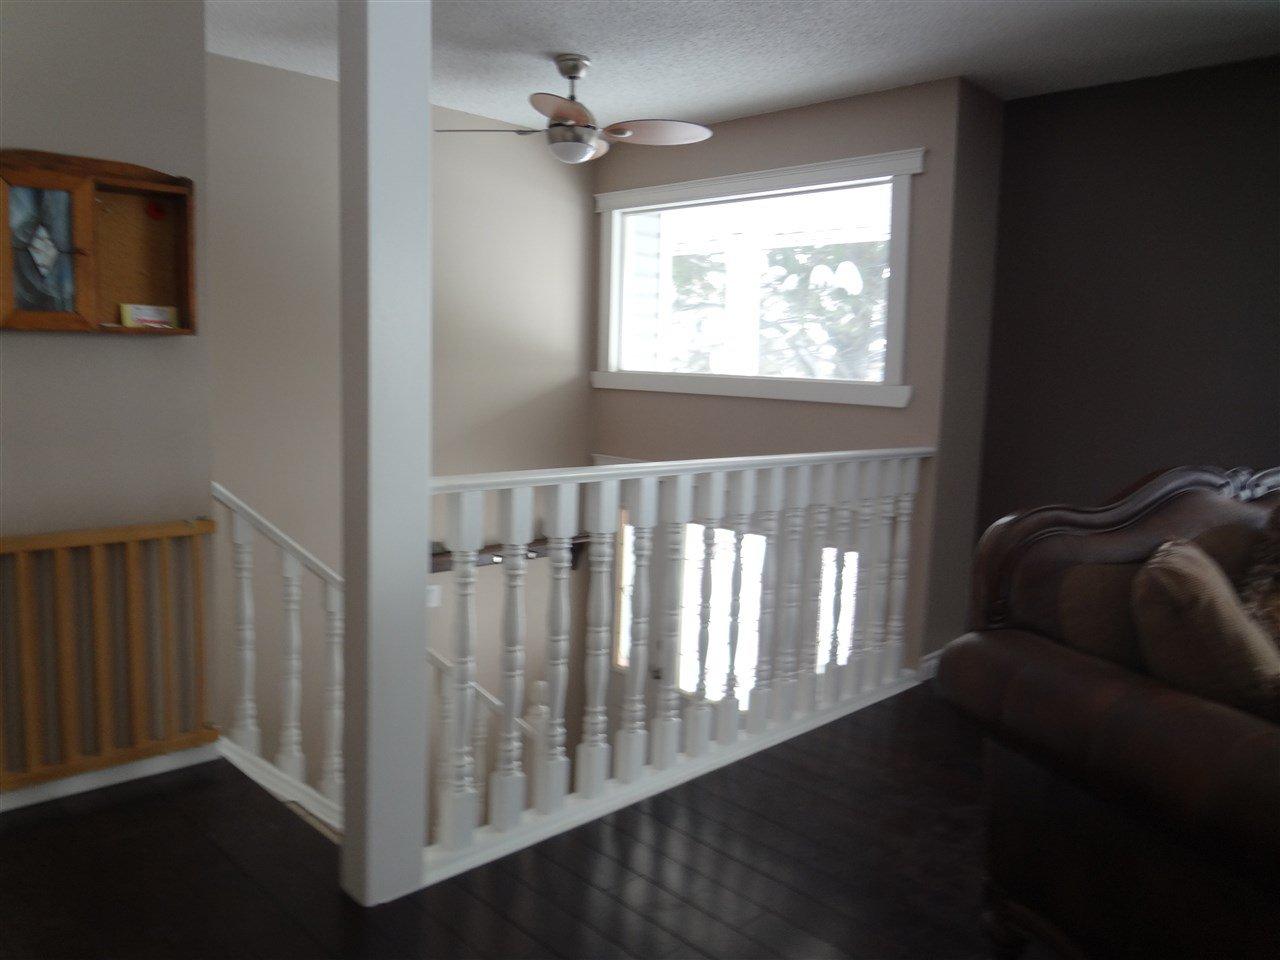 Photo 5: Photos: 9804 113 Avenue in Fort St. John: Fort St. John - City NE House for sale (Fort St. John (Zone 60))  : MLS®# R2413891